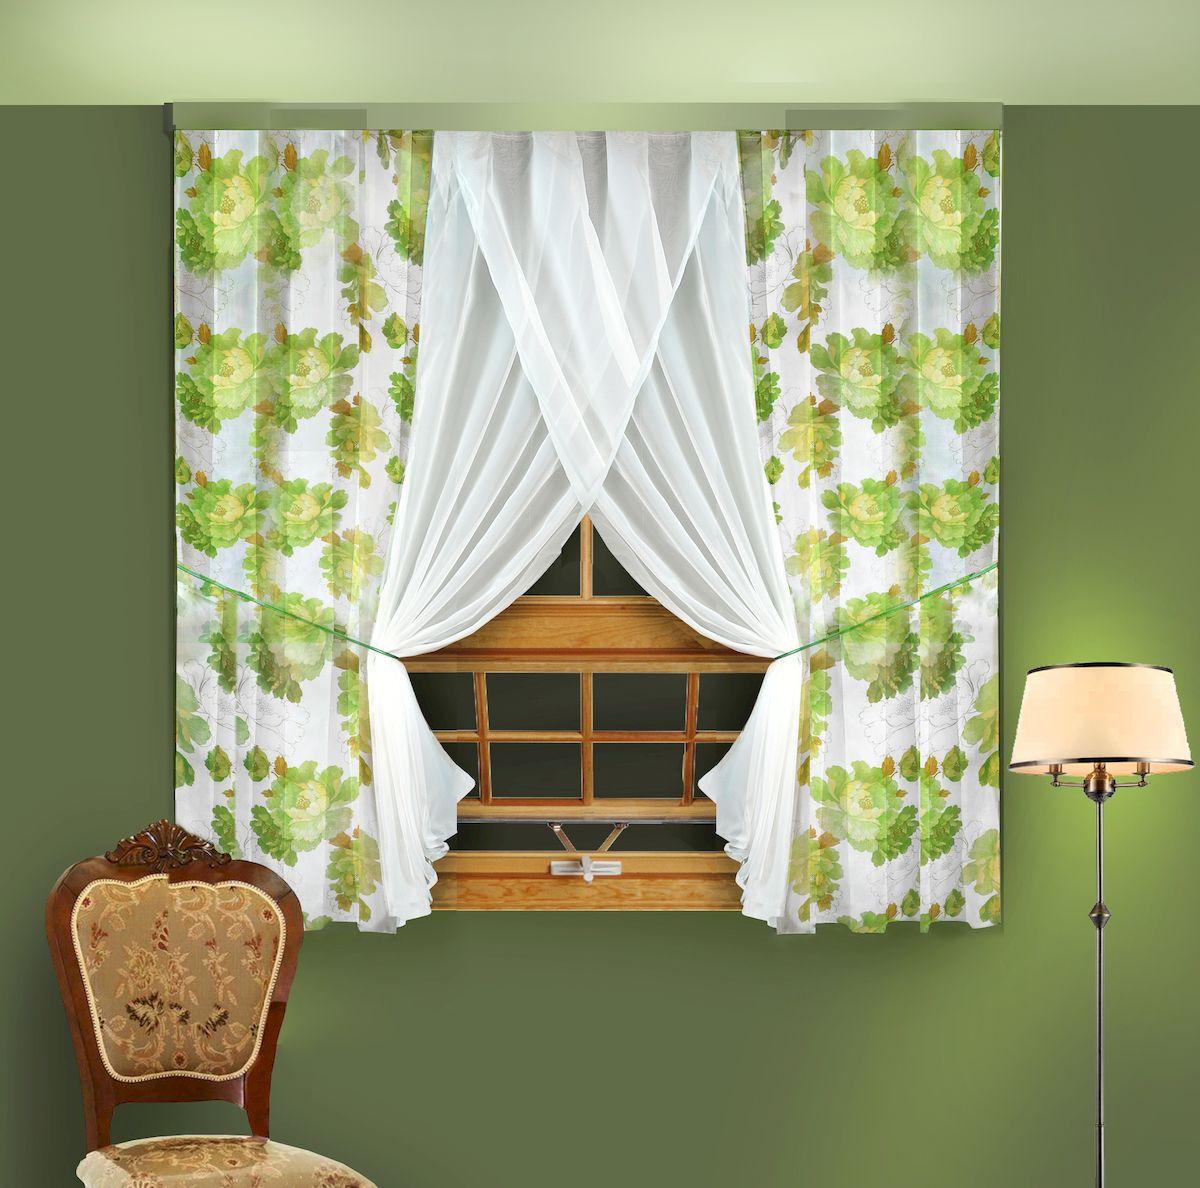 Комплект штор для кухни Zlata Korunka, на ленте, цвет: зеленый, высота 180 см. 5566555665Комплект штор для кухни Zlata Korunka, выполненный из полиэстера, великолепно украсит любое окно. Комплект состоит из 2 штор и 2 подхватов. Крупный цветочный рисунок и приятная цветовая гамма привлекут к себе внимание и органично впишутся в интерьер помещения. Этот комплект будет долгое время радовать вас и вашу семью!Комплект крепится на карниз при помощи ленты, которая поможет красиво и равномерно задрапировать верх.В комплект входит: Штора: 2 шт. Размер (Ш х В): 180 х 180 см.Подхват: 2 шт.